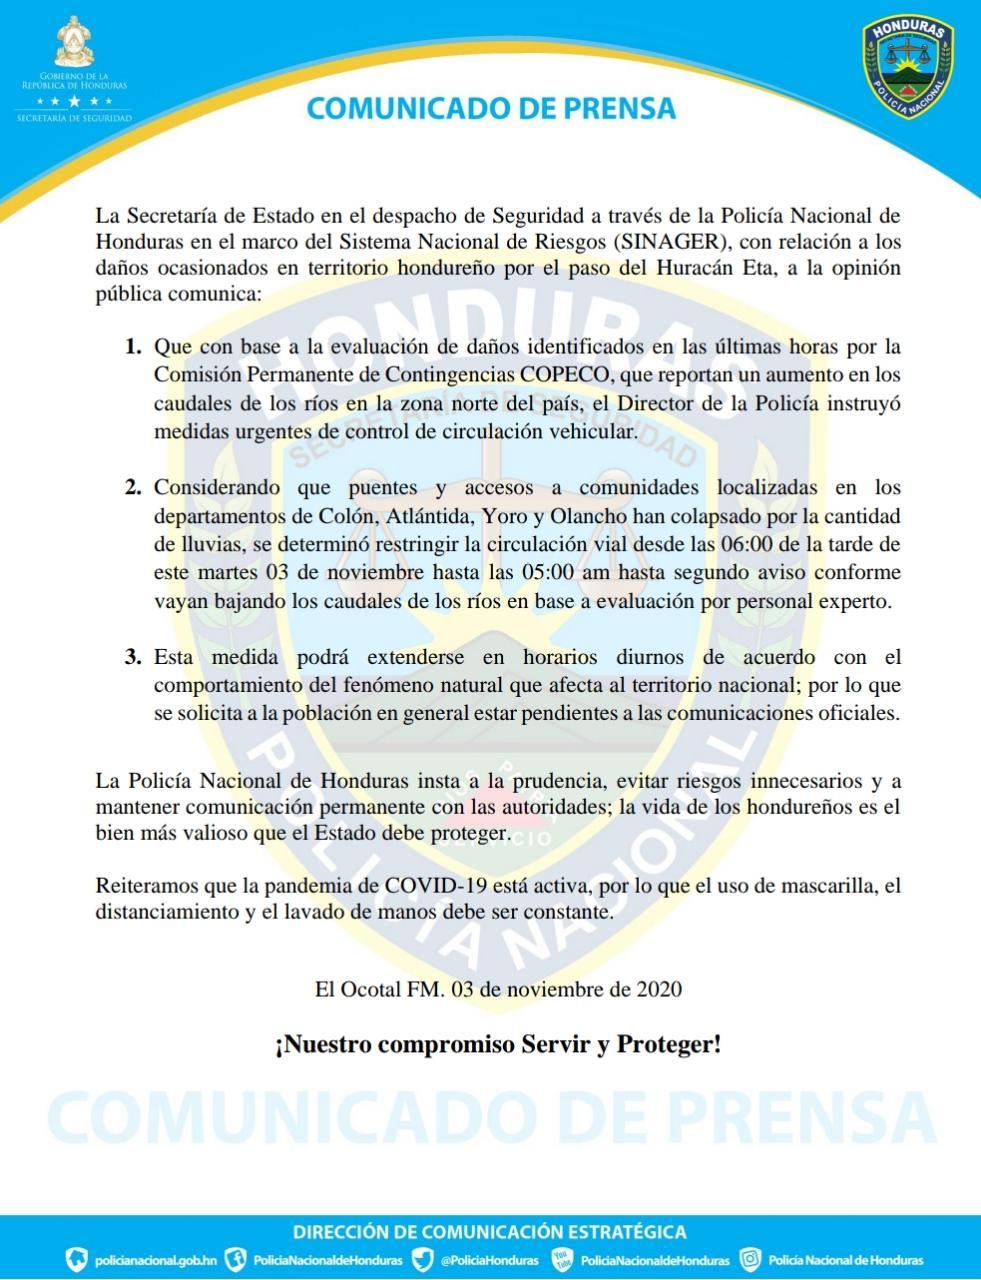 COPECO restringe circulación vial en Colón, Atlantida, Yoro y Olancho